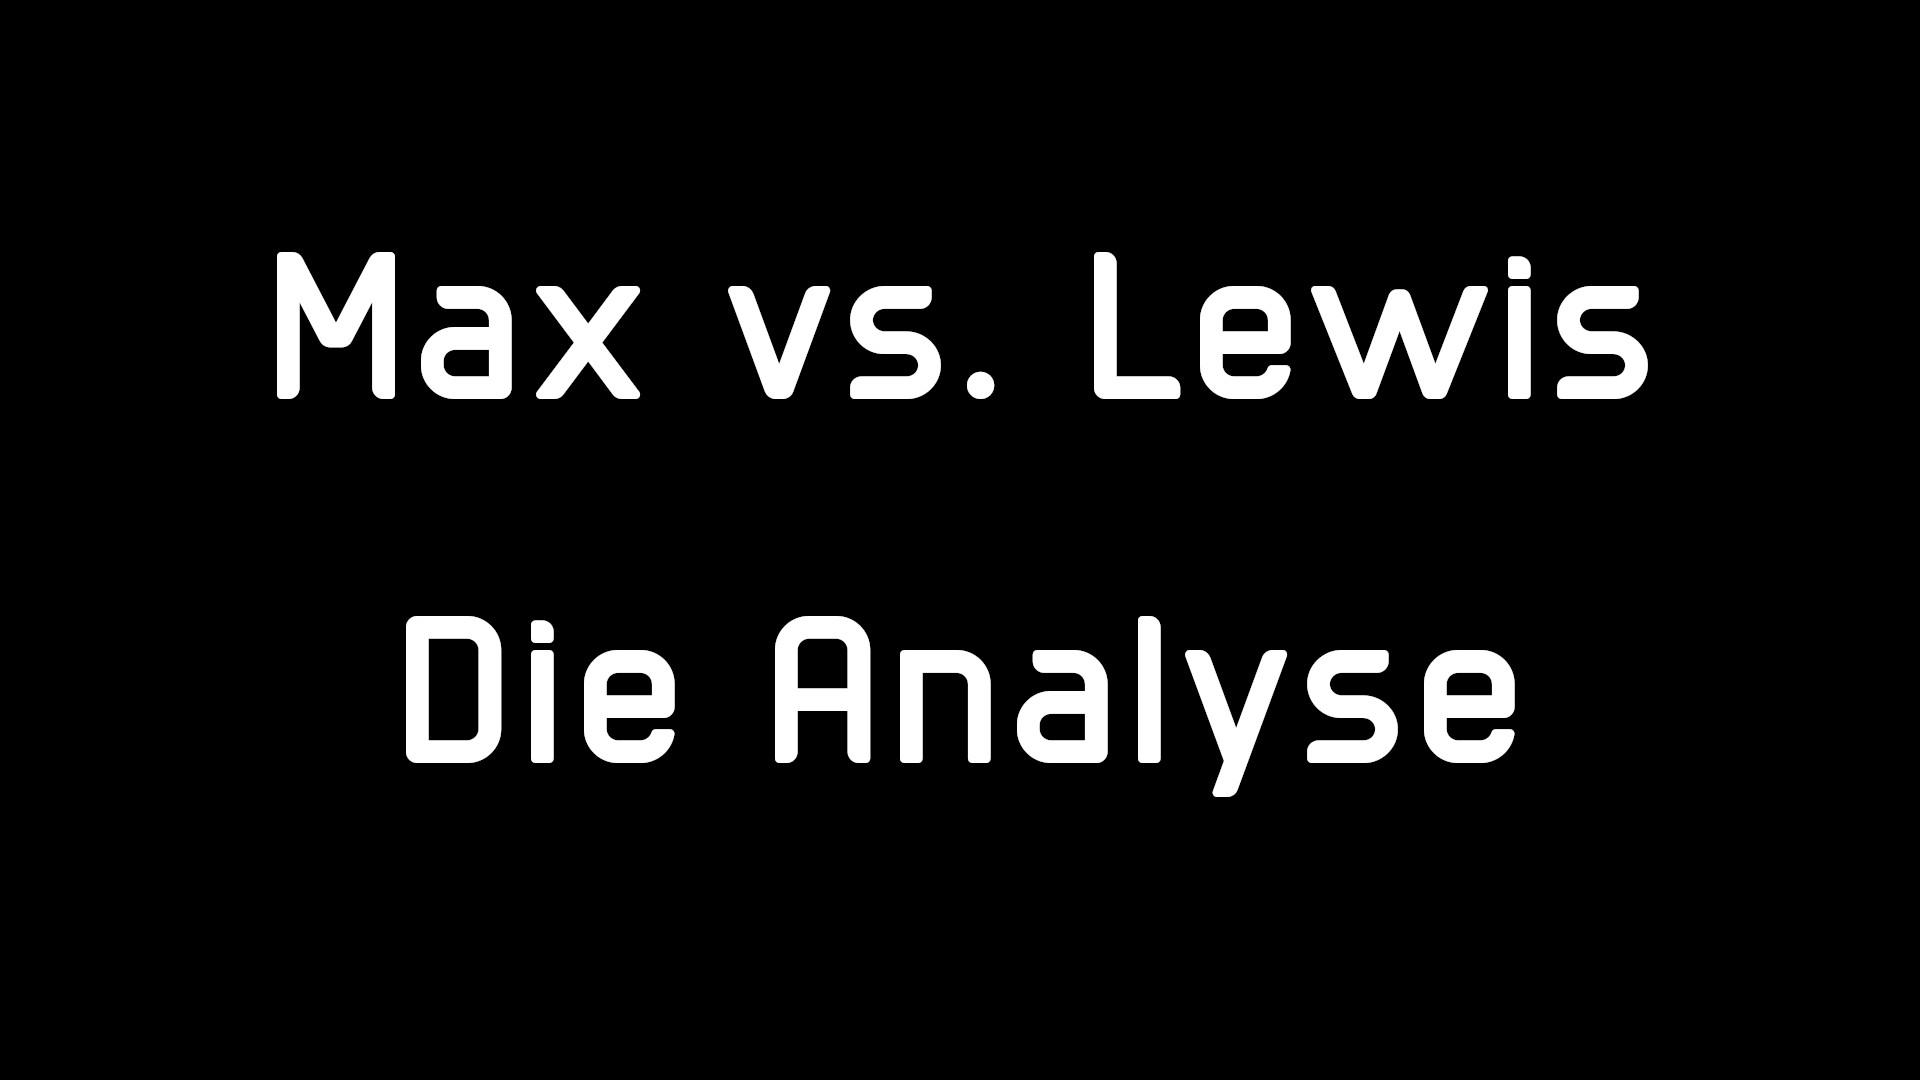 Max vs. Lewis - die Analyse